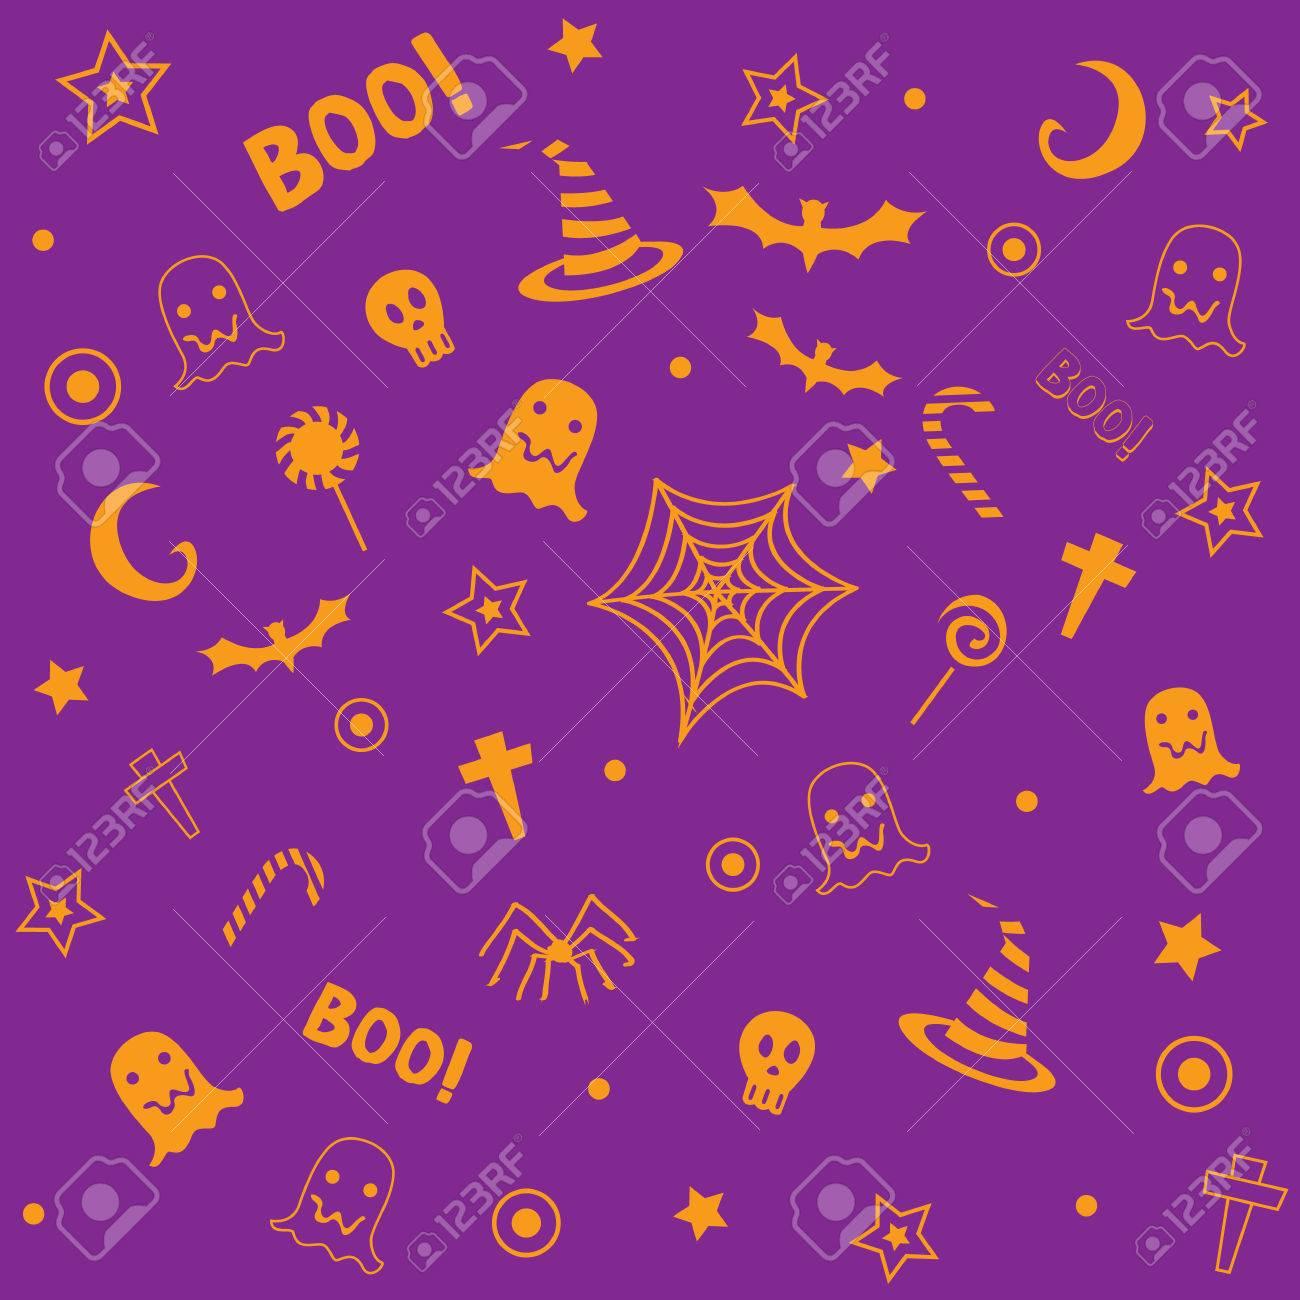 オレンジとバイオレット 壁紙のシームレスなパターンにシンボル デザイン ハロウィン紫 マゼンタの背景色 のイラスト素材 ベクタ Image